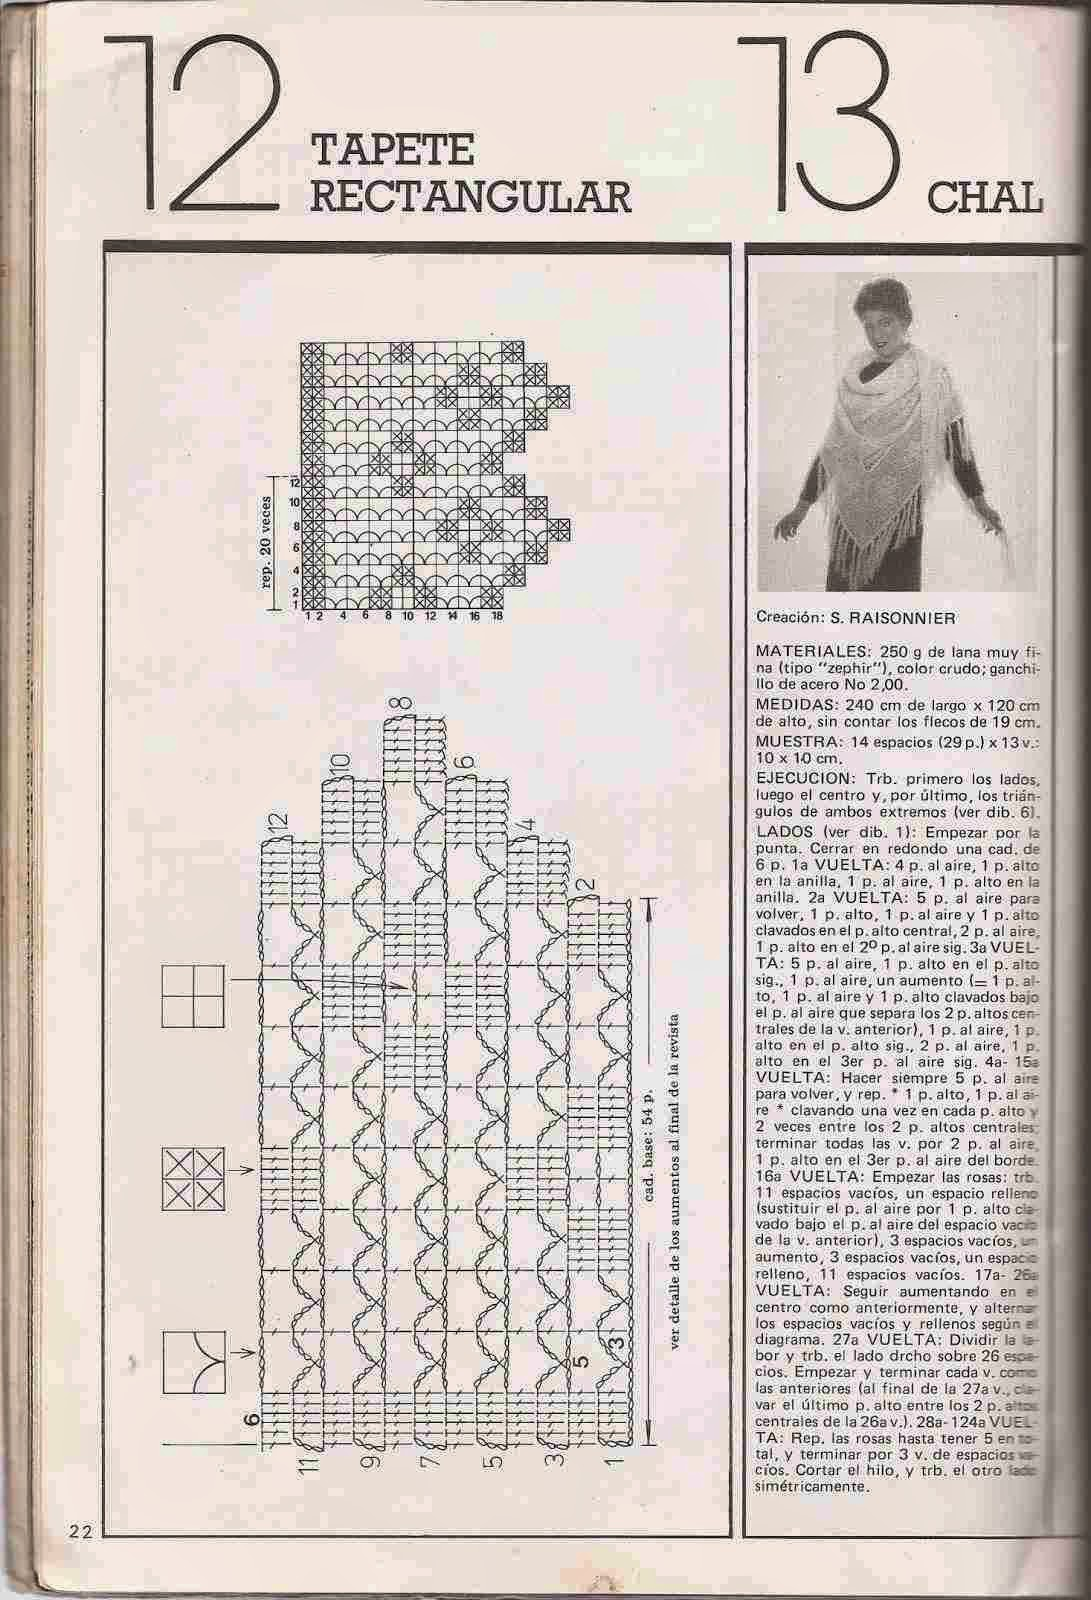 Instrucciones de Chal a Crochet